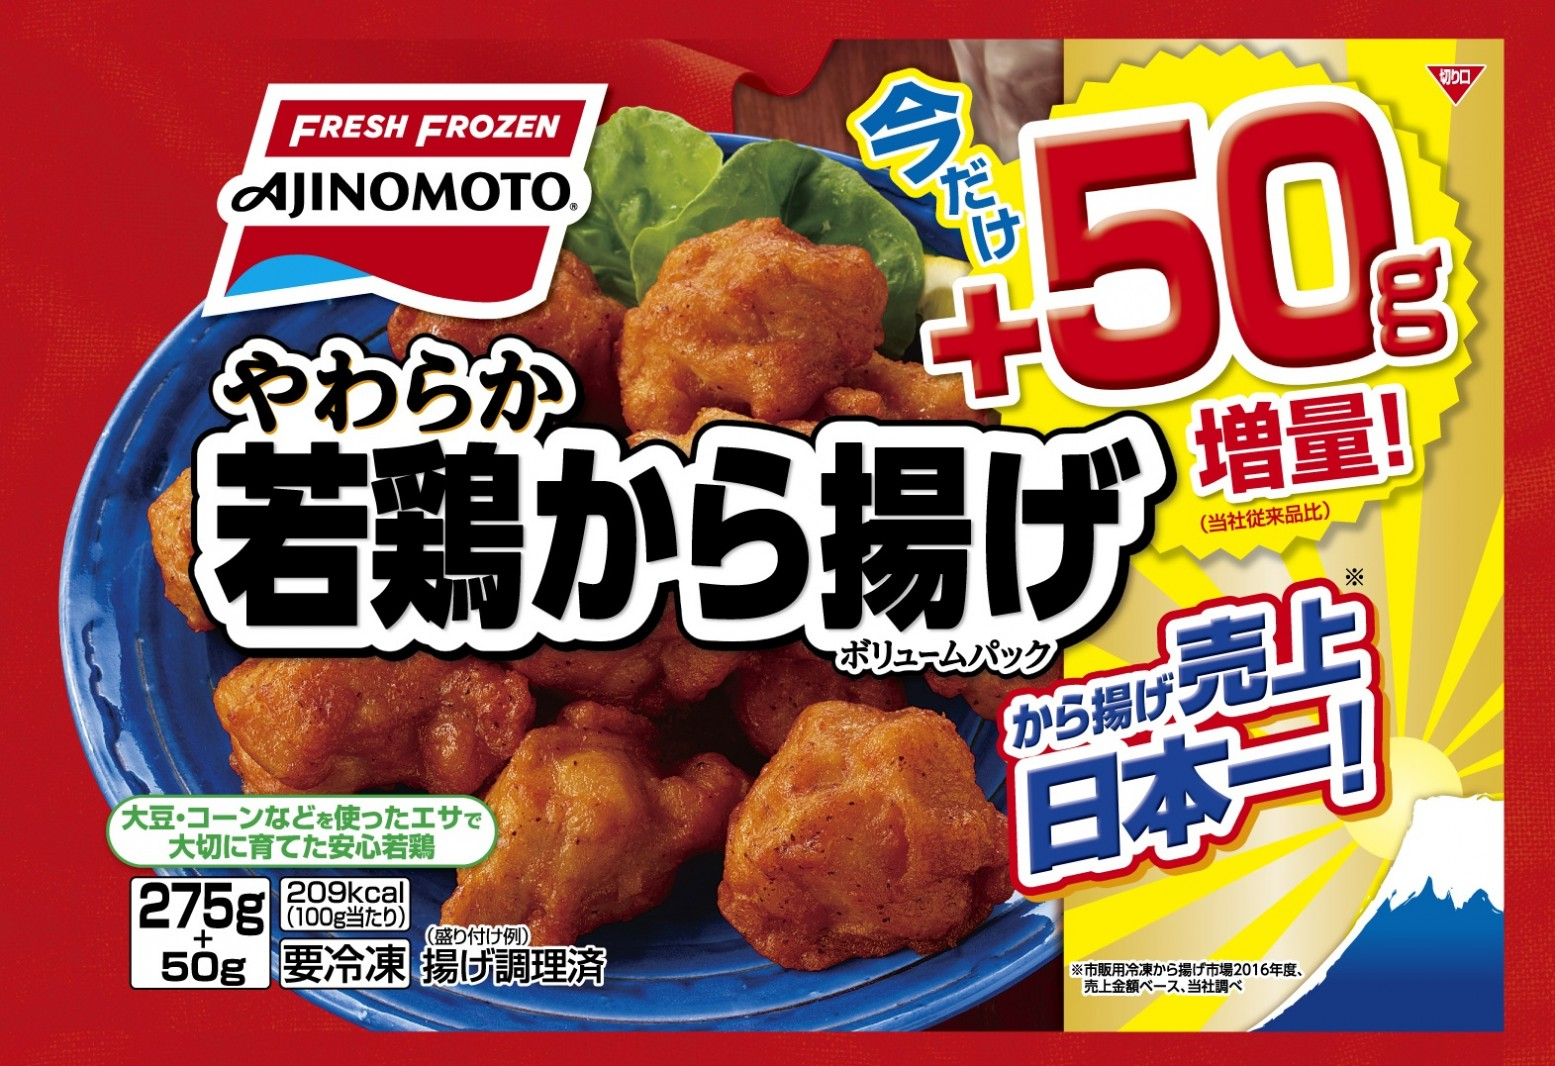 「やわらか若鶏から揚げ ボリュームパック」が+50g!!(味の素冷凍食品)